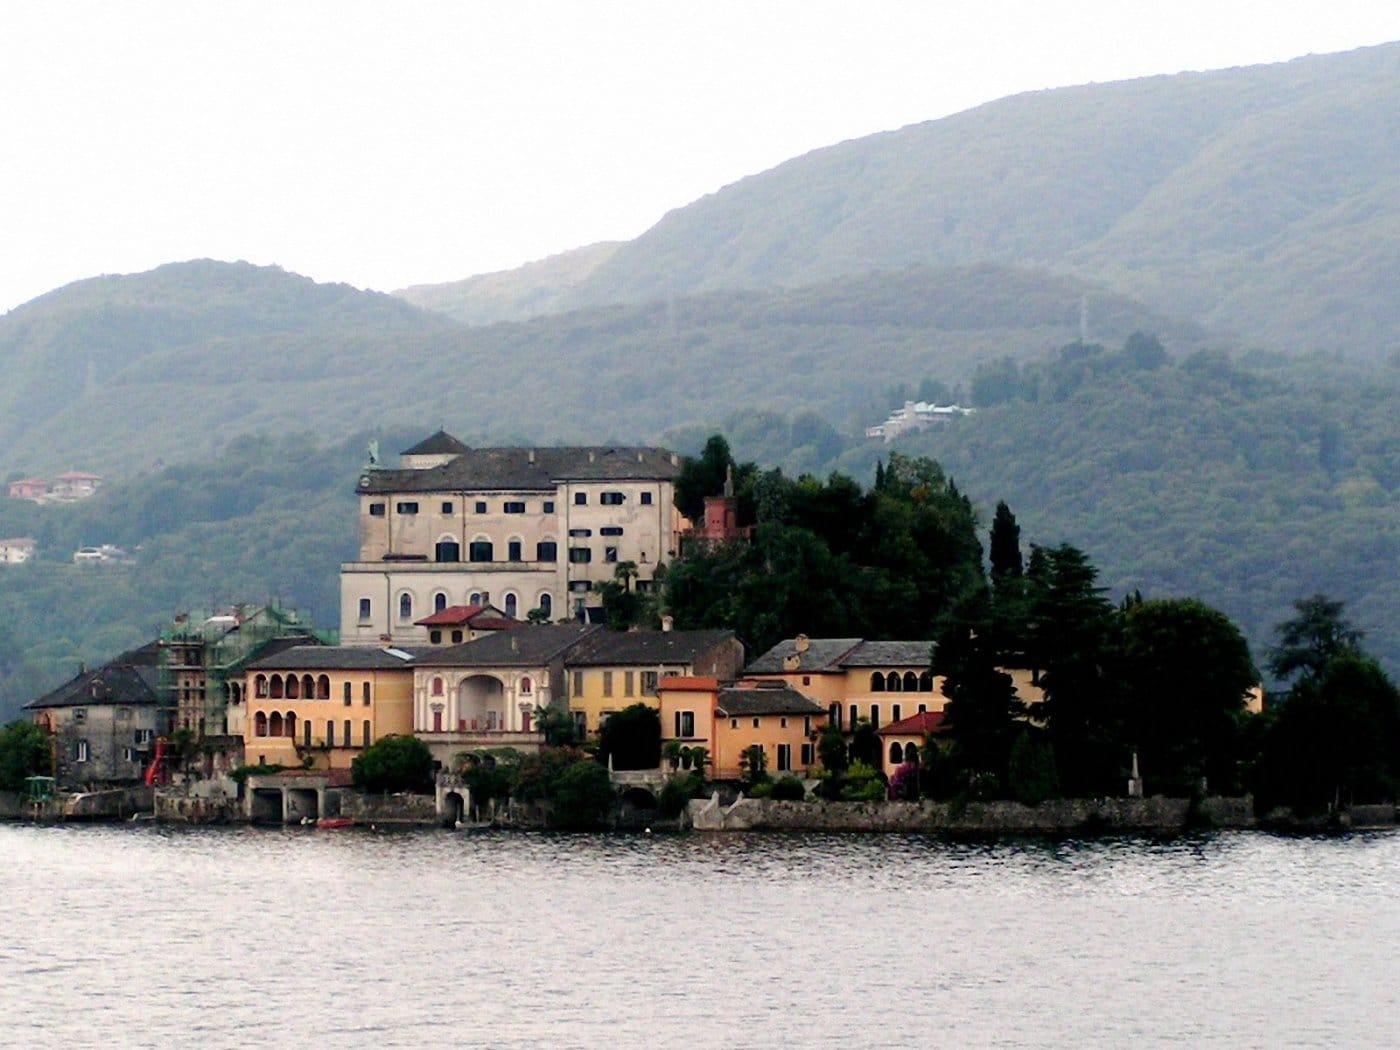 Insula San Giulio, Lacul Orta